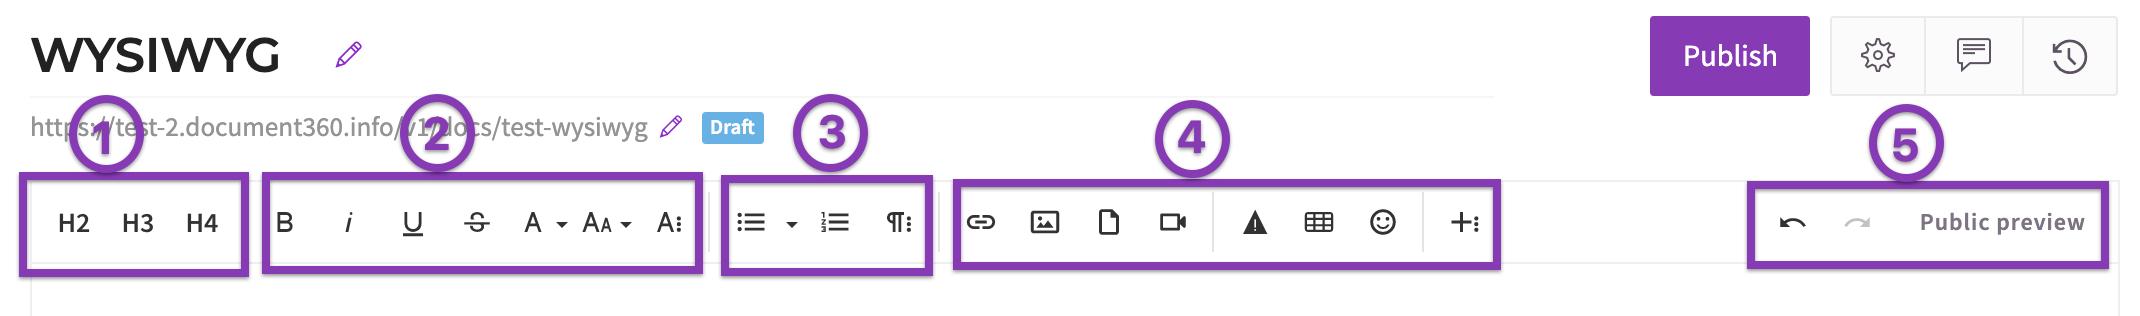 WYSIWYG Toolbar simplified